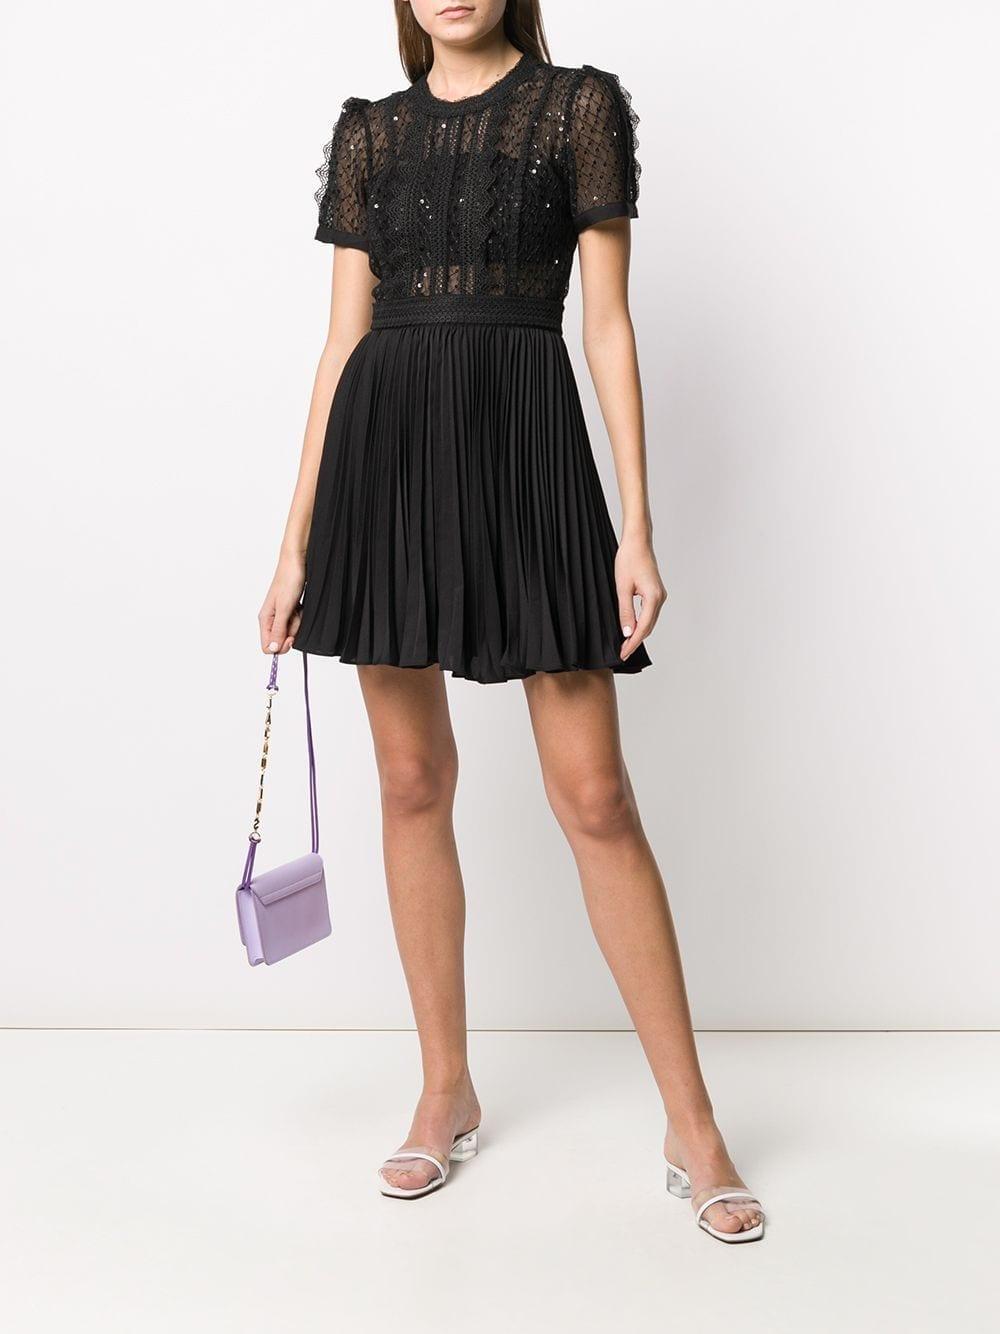 SELF-PORTRAIT Lace-trimmed A-line Mini Dress